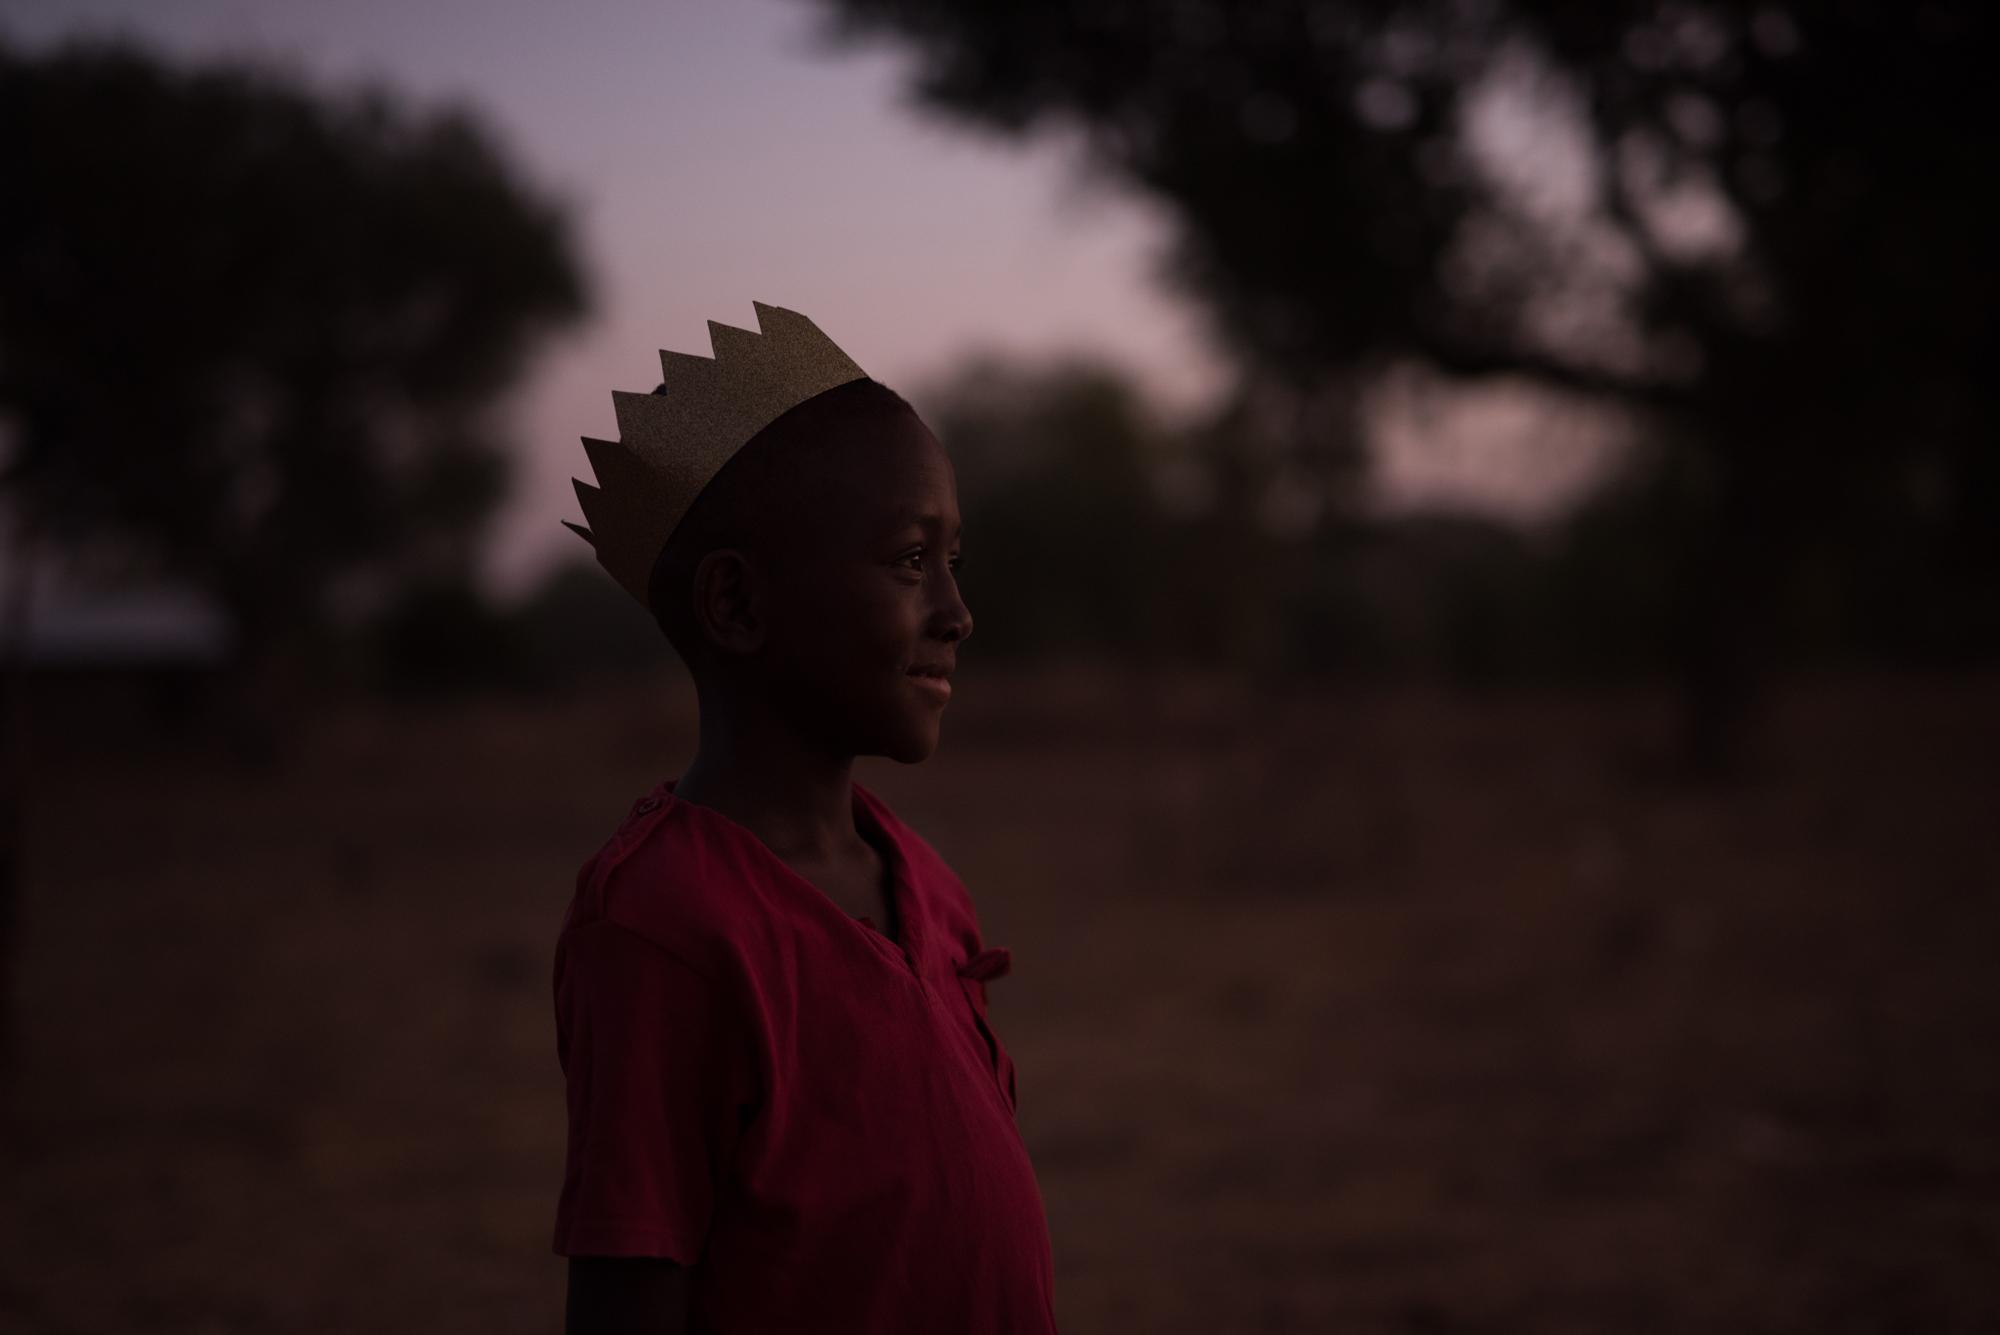 GHANA_AFRICA_HUMANITARIAN_PHOTOGRAPHY_TaraShupe_DSC_2583-RAW-WEB.jpg